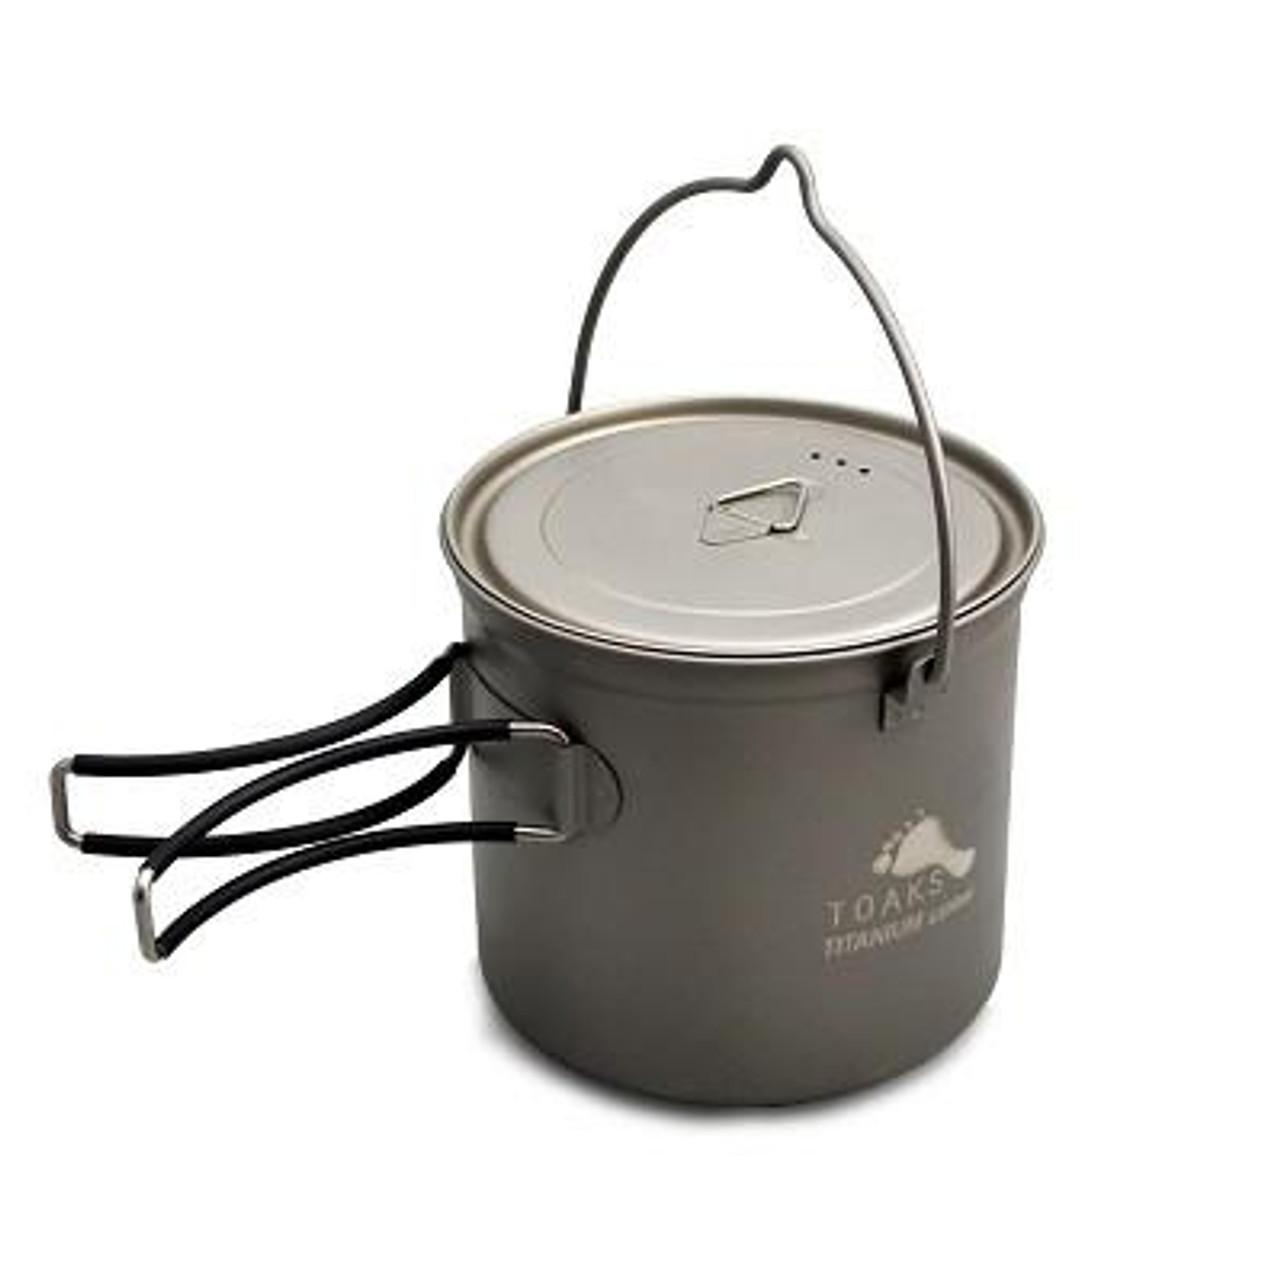 TOAKS Titanium 1100 ml pot with Bail